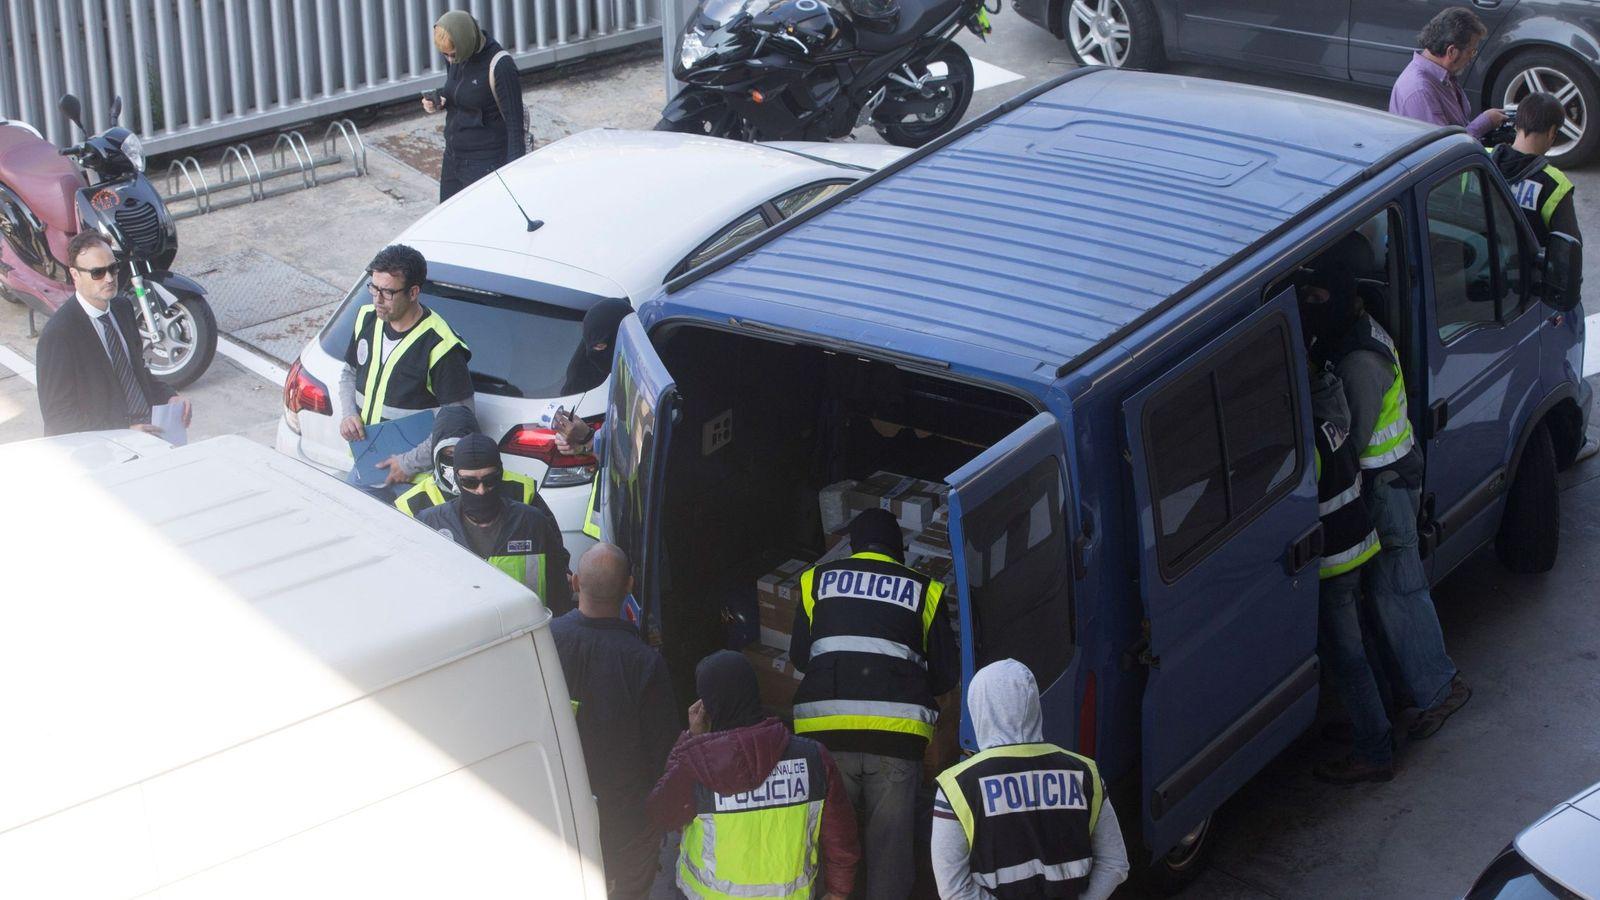 Foto: Efectivos de la Policía Nacional registran una furgoneta en una incineradora de Sant Adrià de Besòs (Barcelona). (EFE)